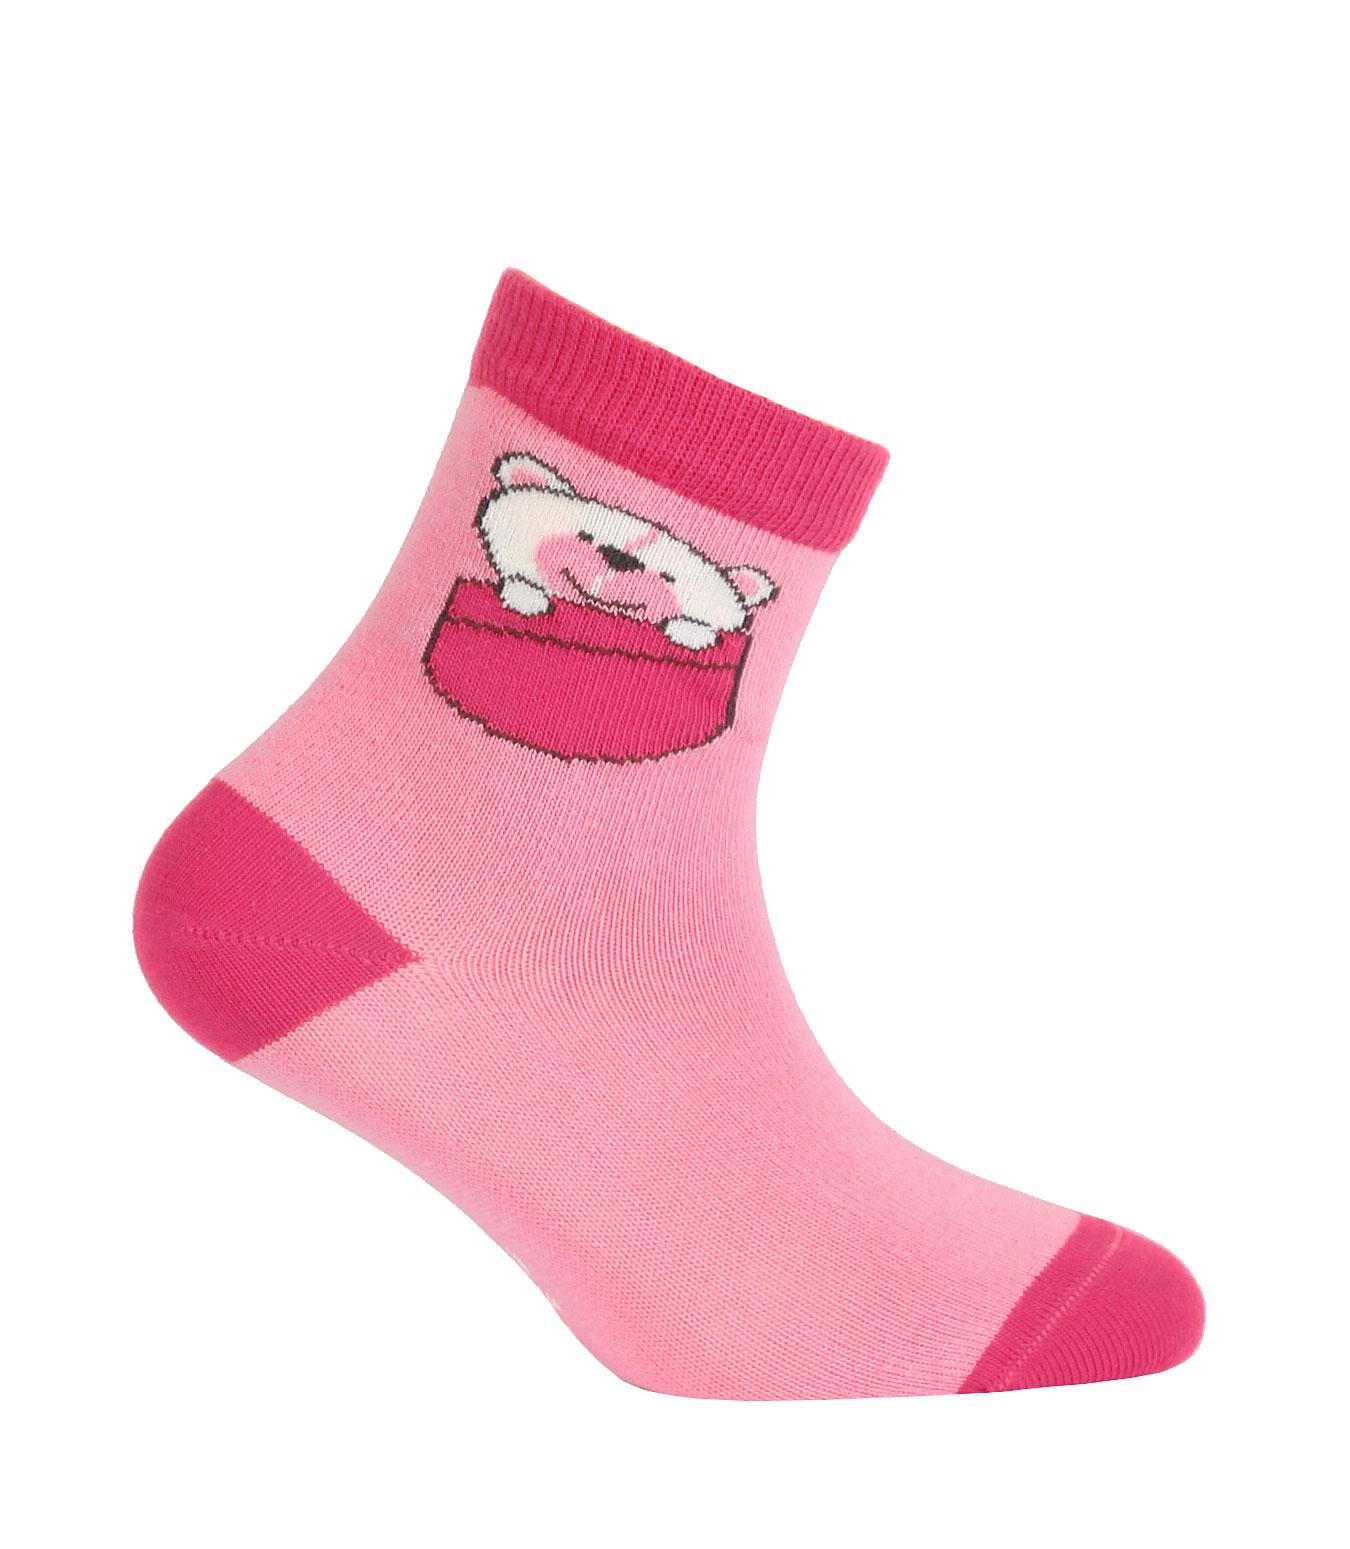 Vzorované dívčí ponožky GATTA MEDVÍDEK růžové Velikost  24-26 88f170ae0f